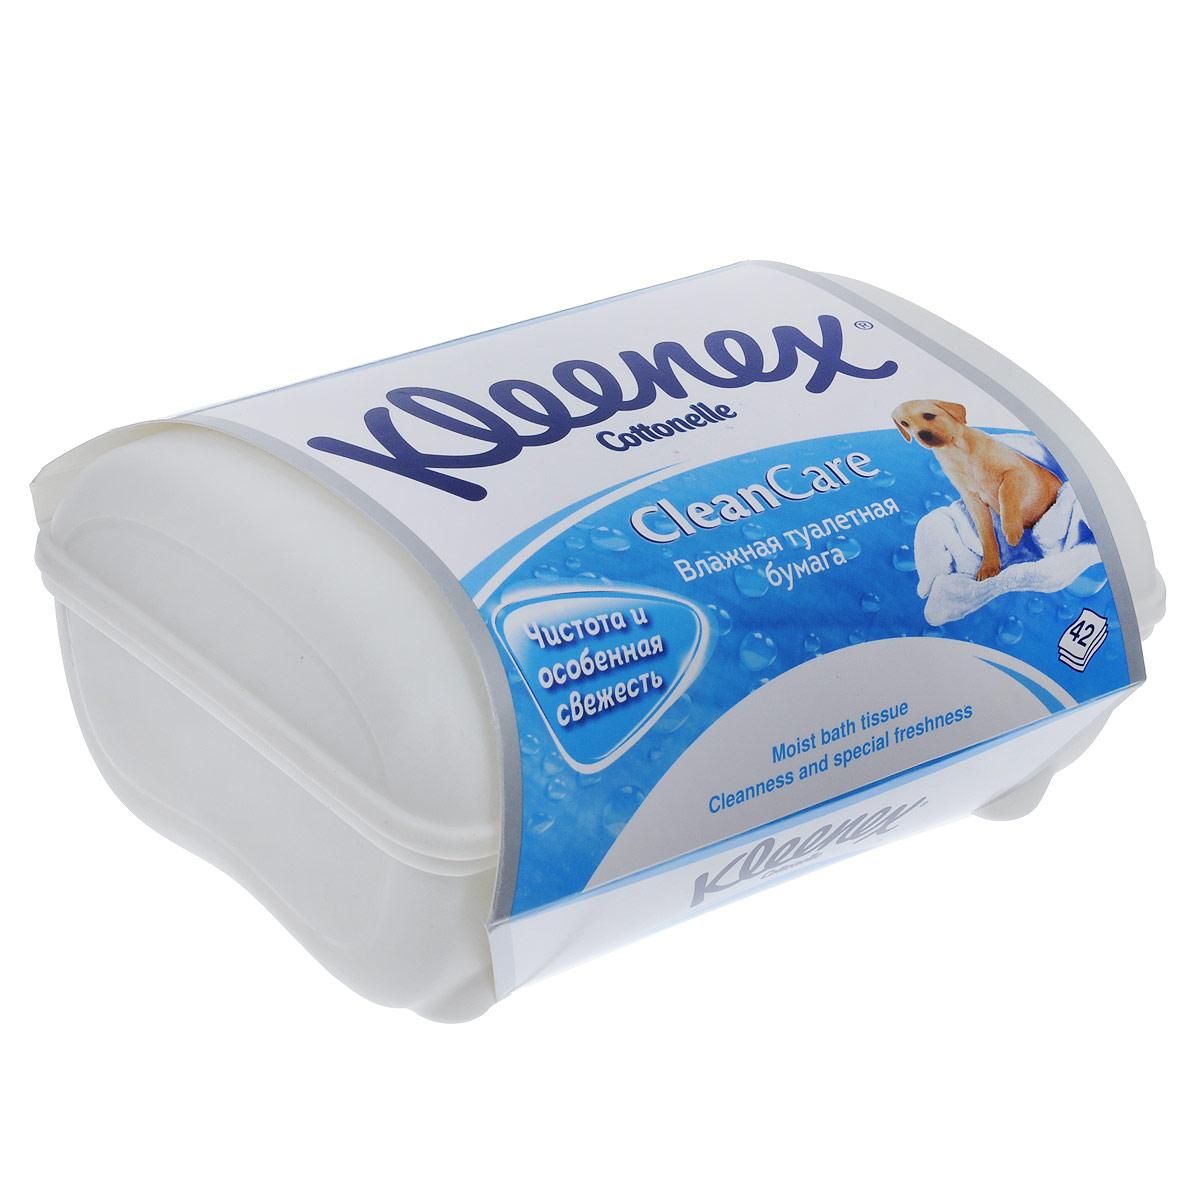 Kleenex Туалетная бумага  Clean Care , влажная, в пластиковой коробке, 42 шт - Полезные аксессуары